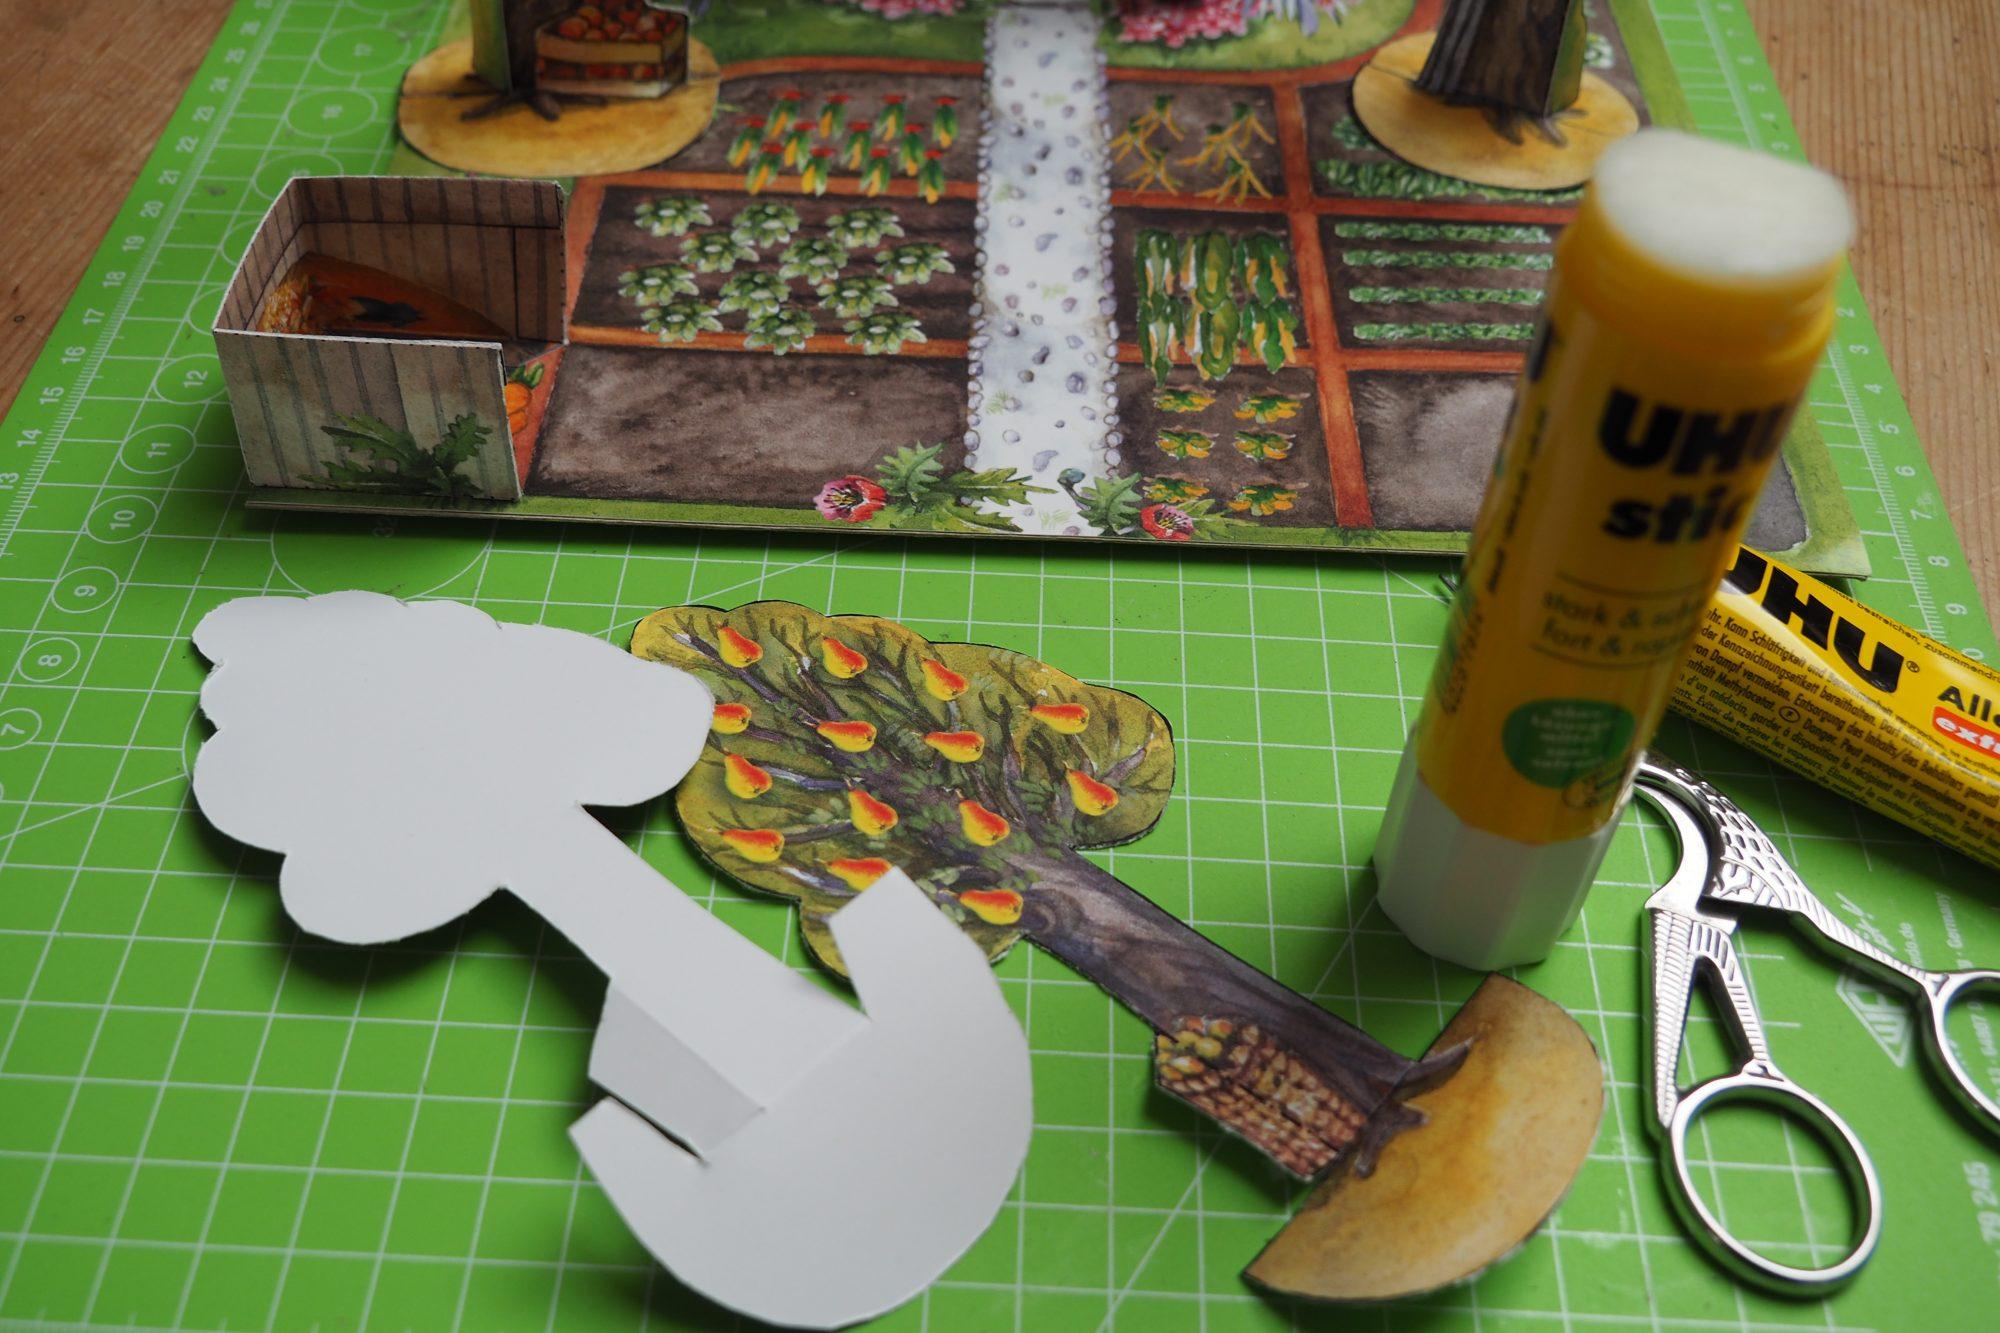 Bastelbogen Garten BUGA basteln mit Kindern aus Papier Spielzeug